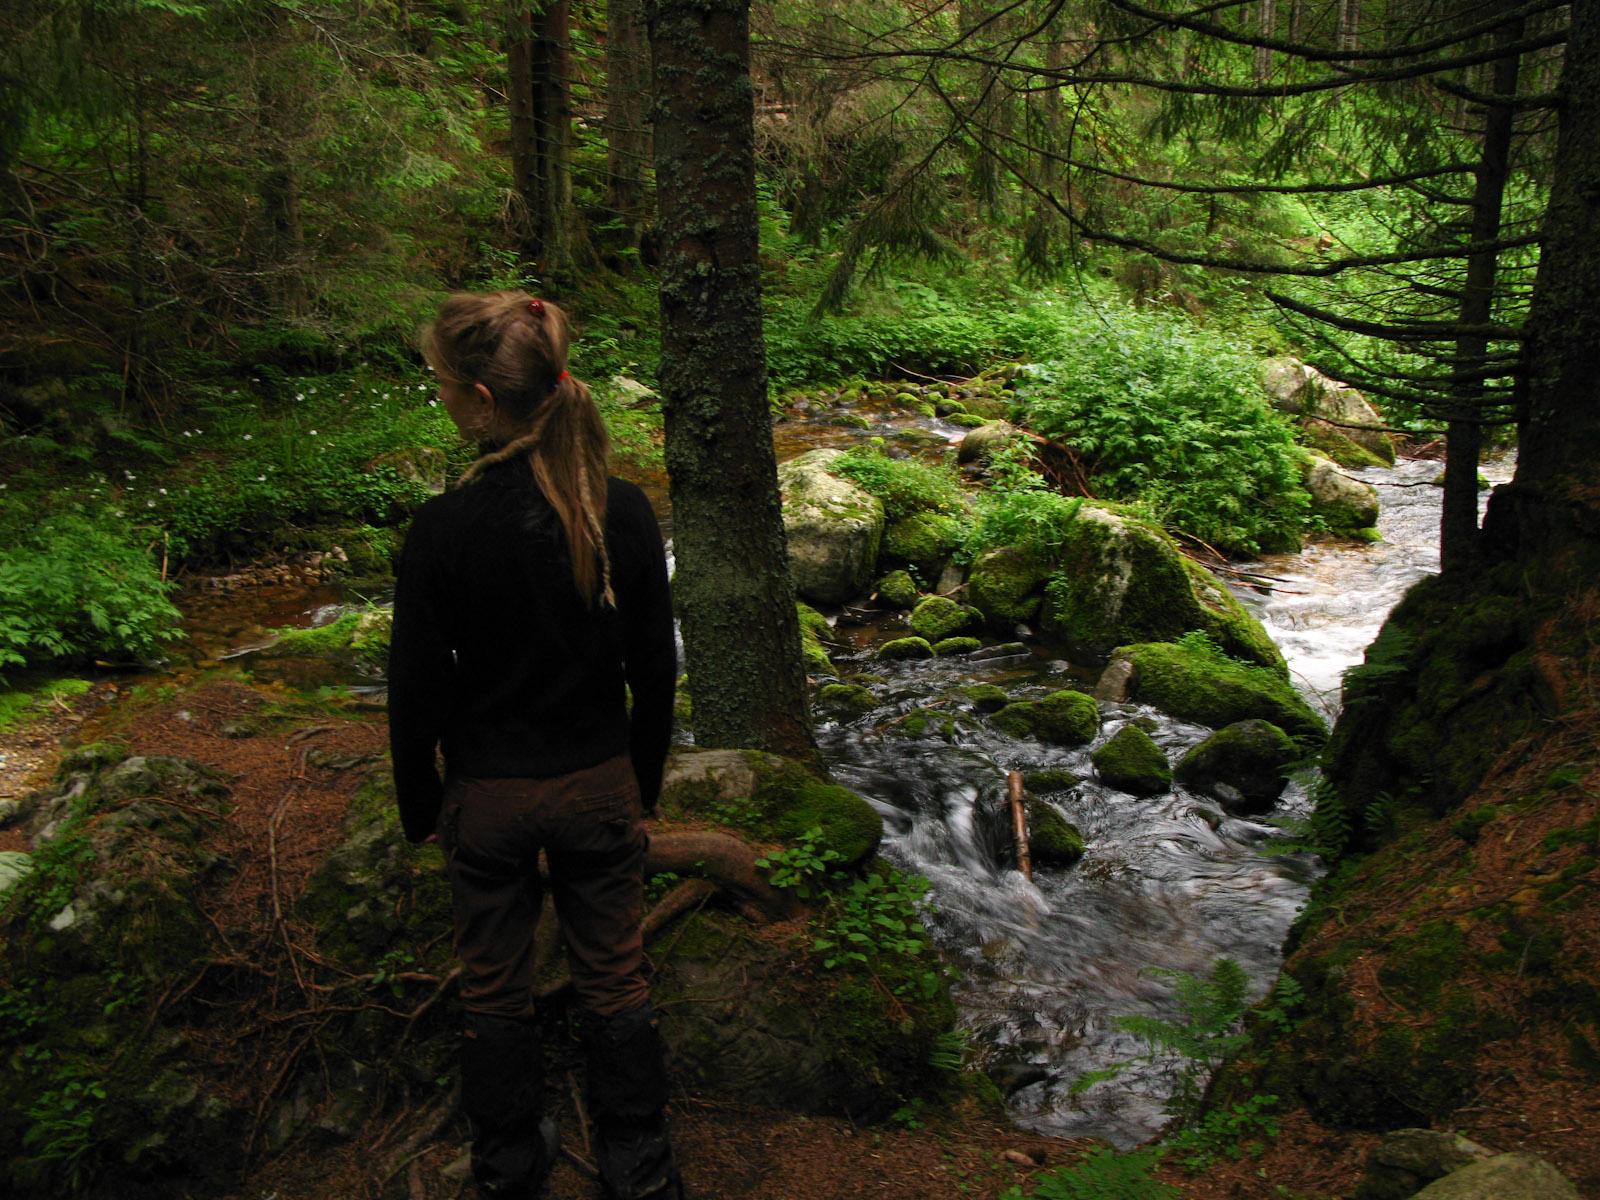 Hanne przy strumieniu gdzieÅ› w Polskich Tatrach